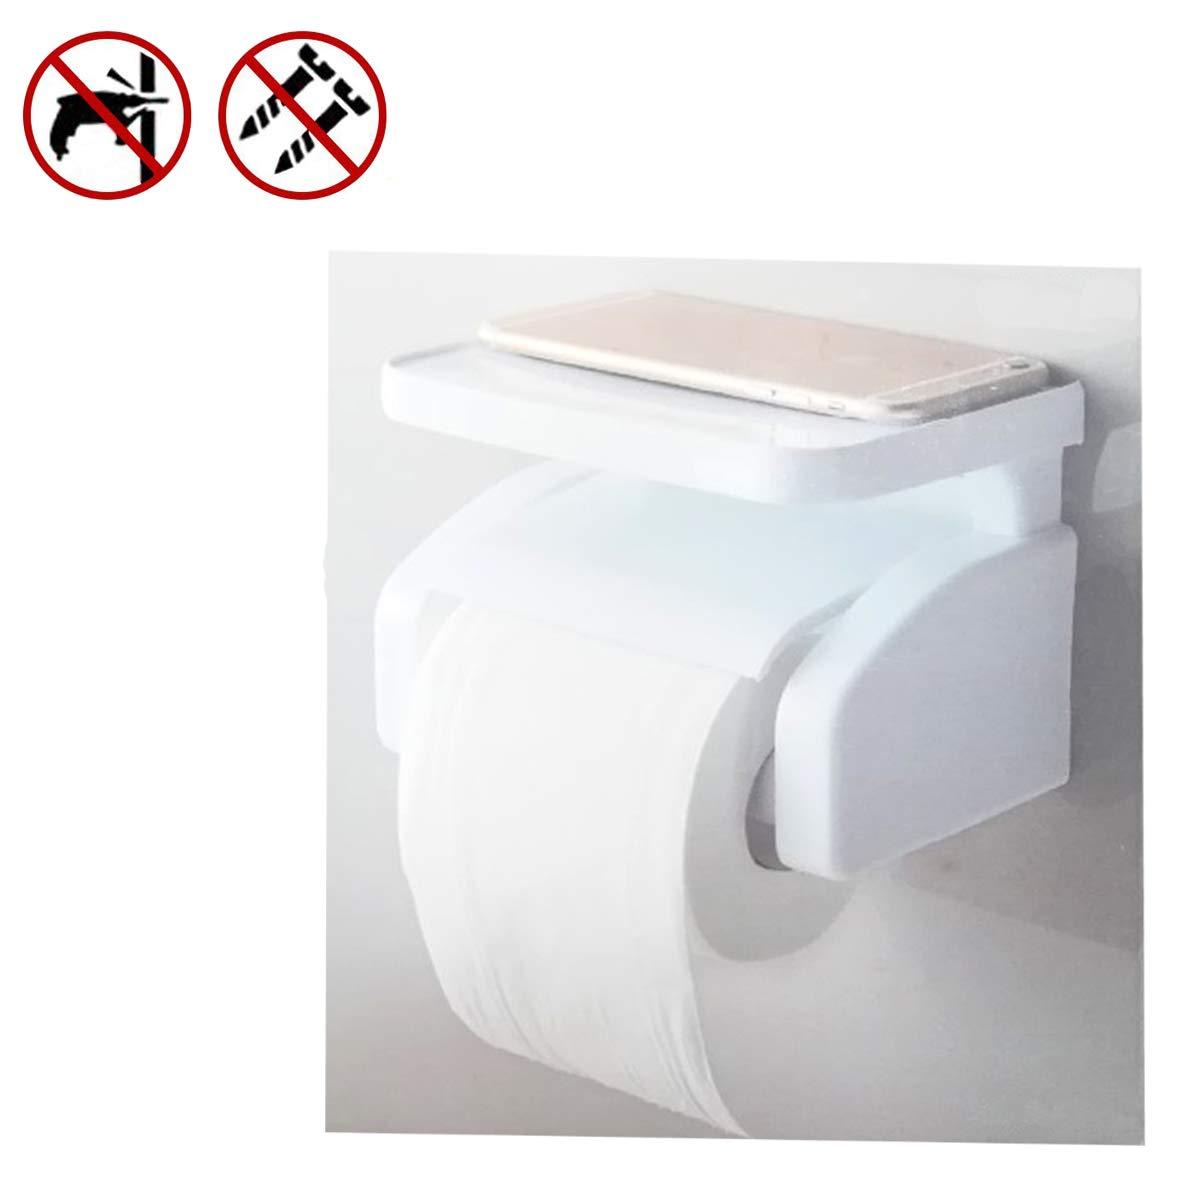 Cisne 2013, S.L. Portarollos con Ventosa de succión Fuerte para baño y Estante para móvil. Medidas 17x12,4x12,6cm. Color Blanco.: Amazon.es: Hogar